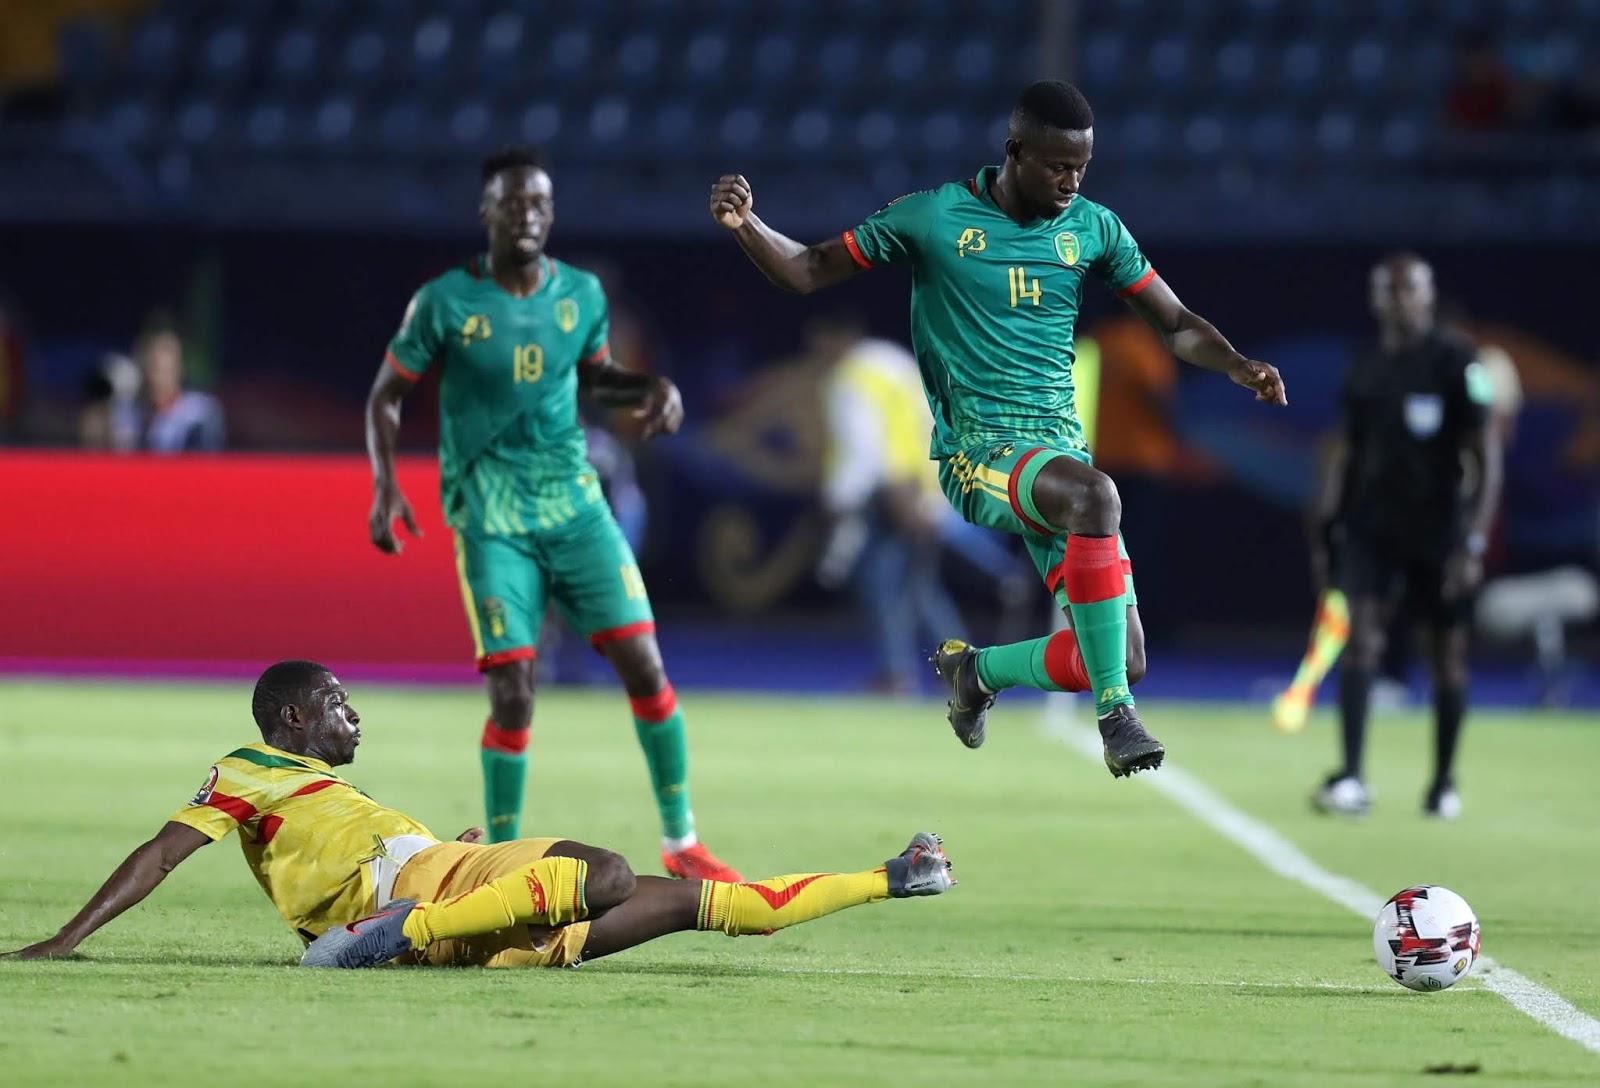 نتيجة مباراة نيجيريا والكاميرون بتاريخ 06-07-2019 كأس الأمم الأفريقية